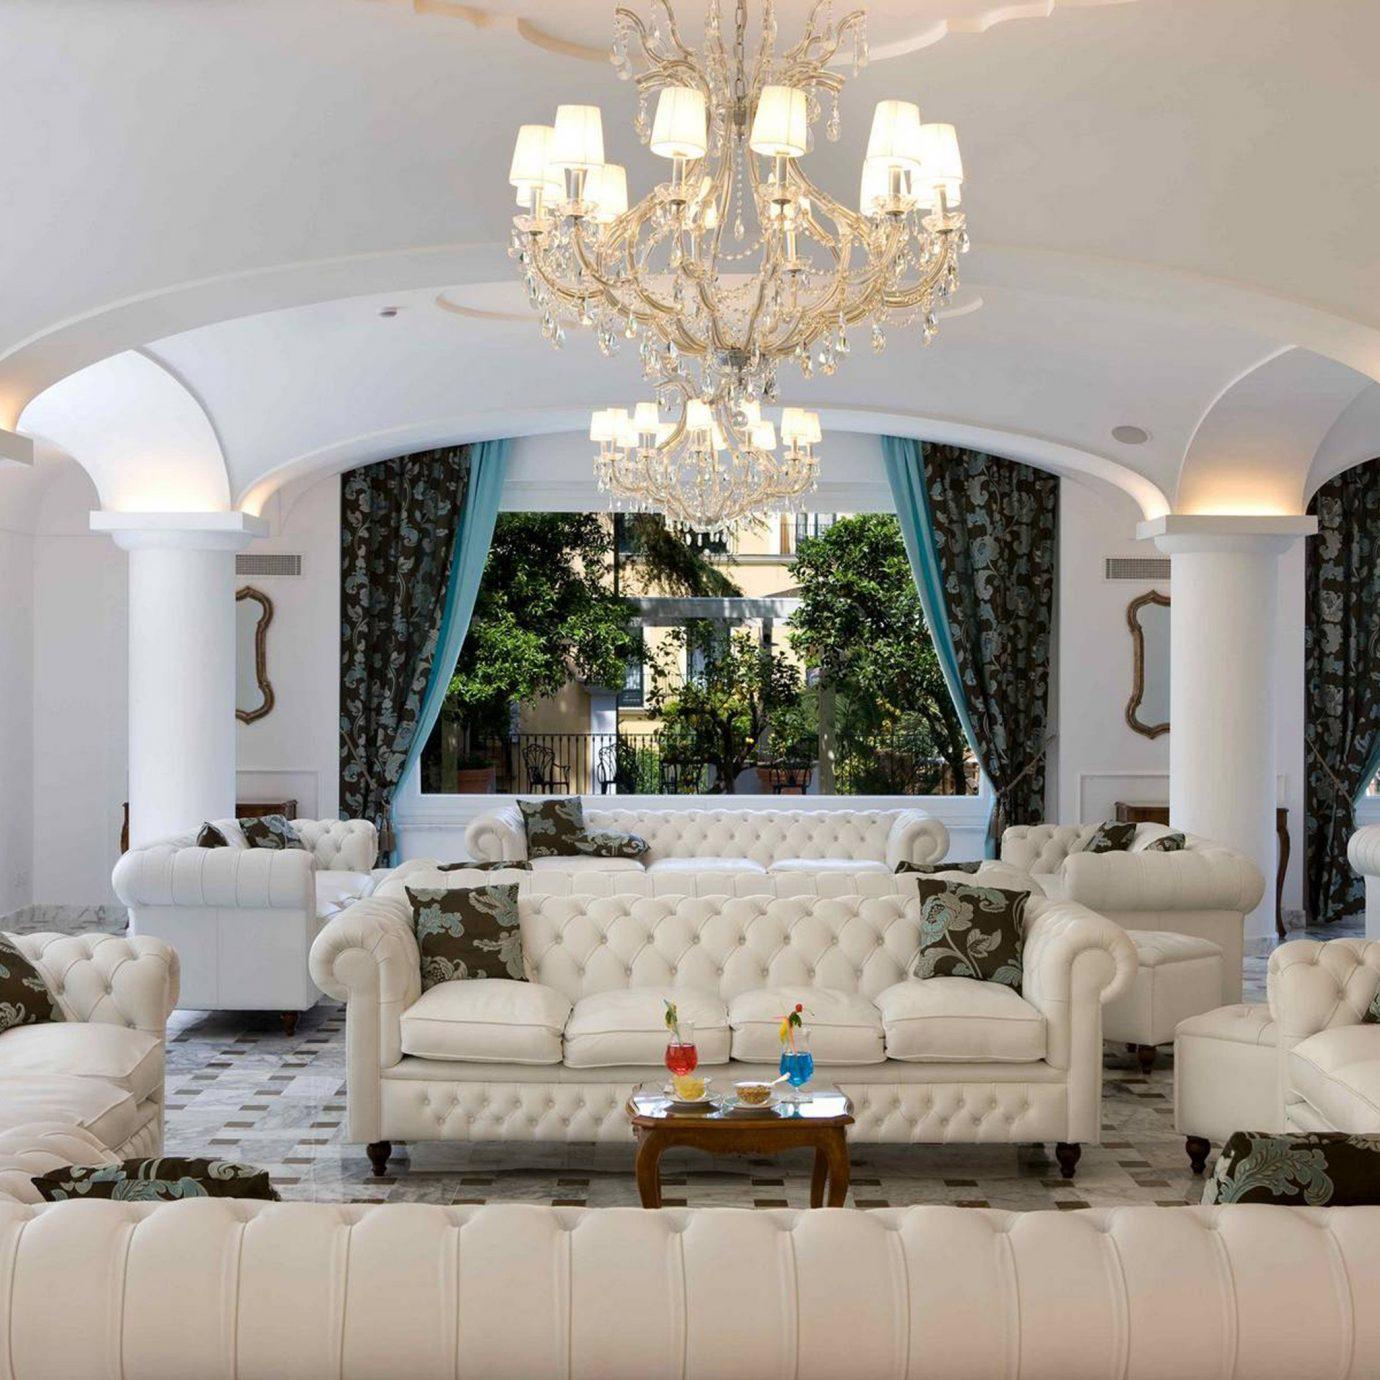 Classic Lounge Scenic views Sea sofa living room property home mansion Villa white condominium